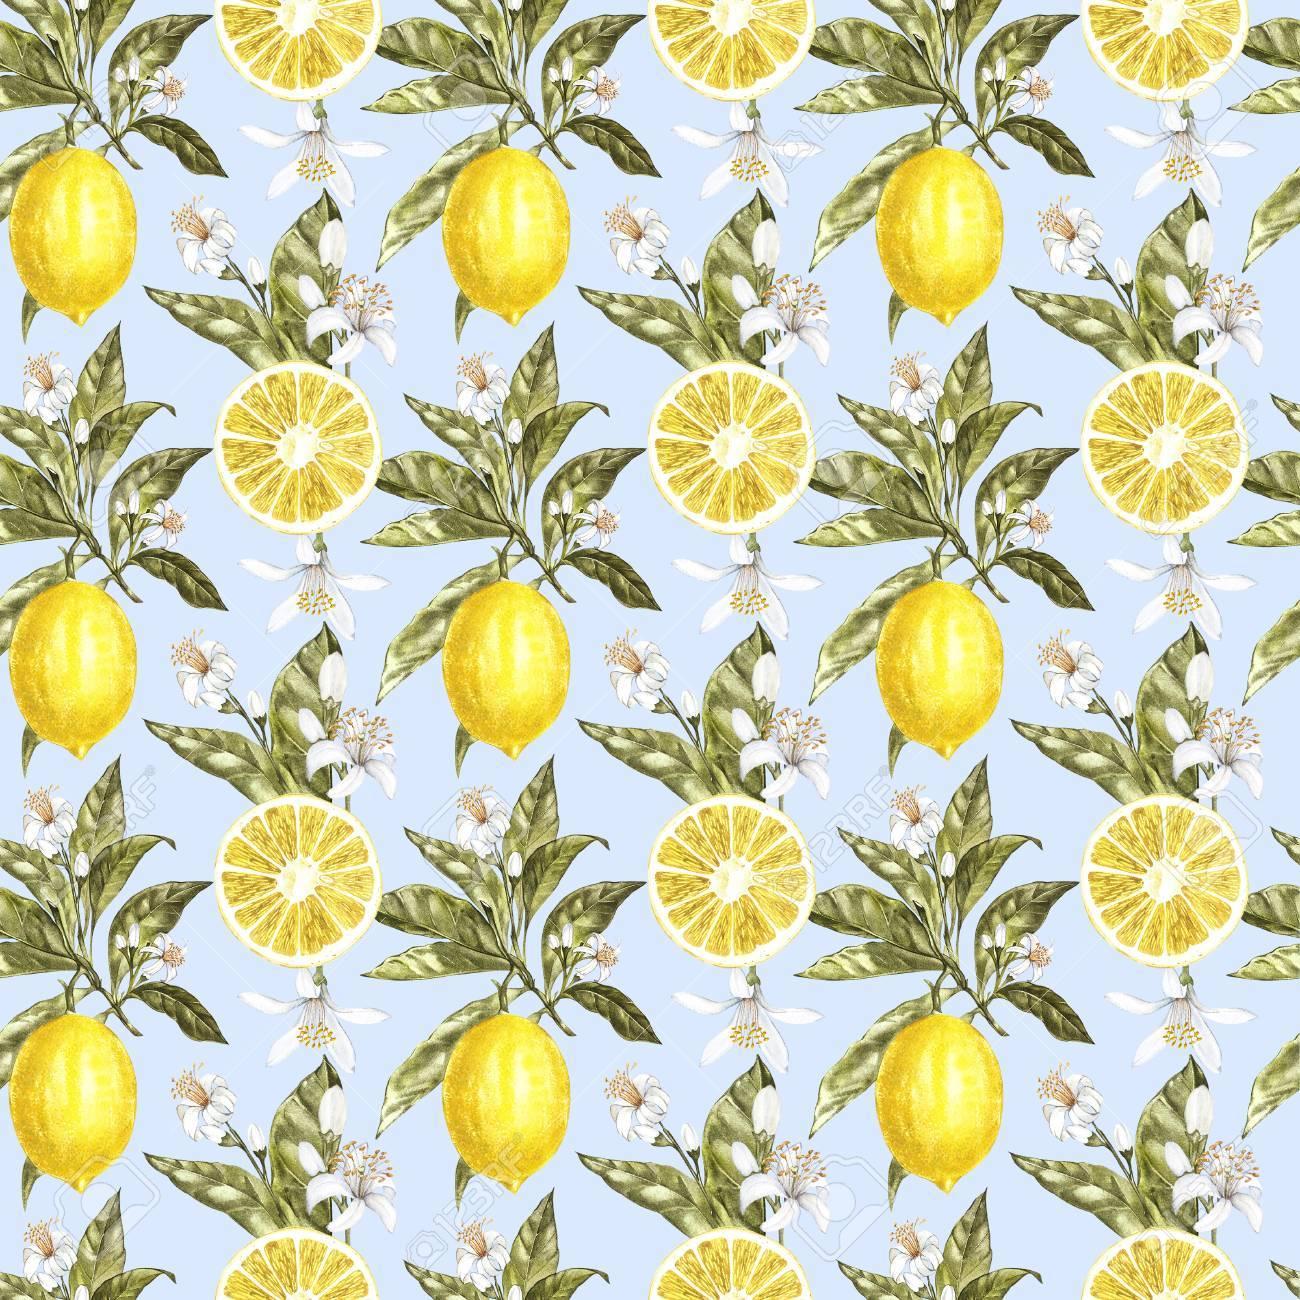 Modele Sans Couture Aquarelle De Citron Texture De Belle Main